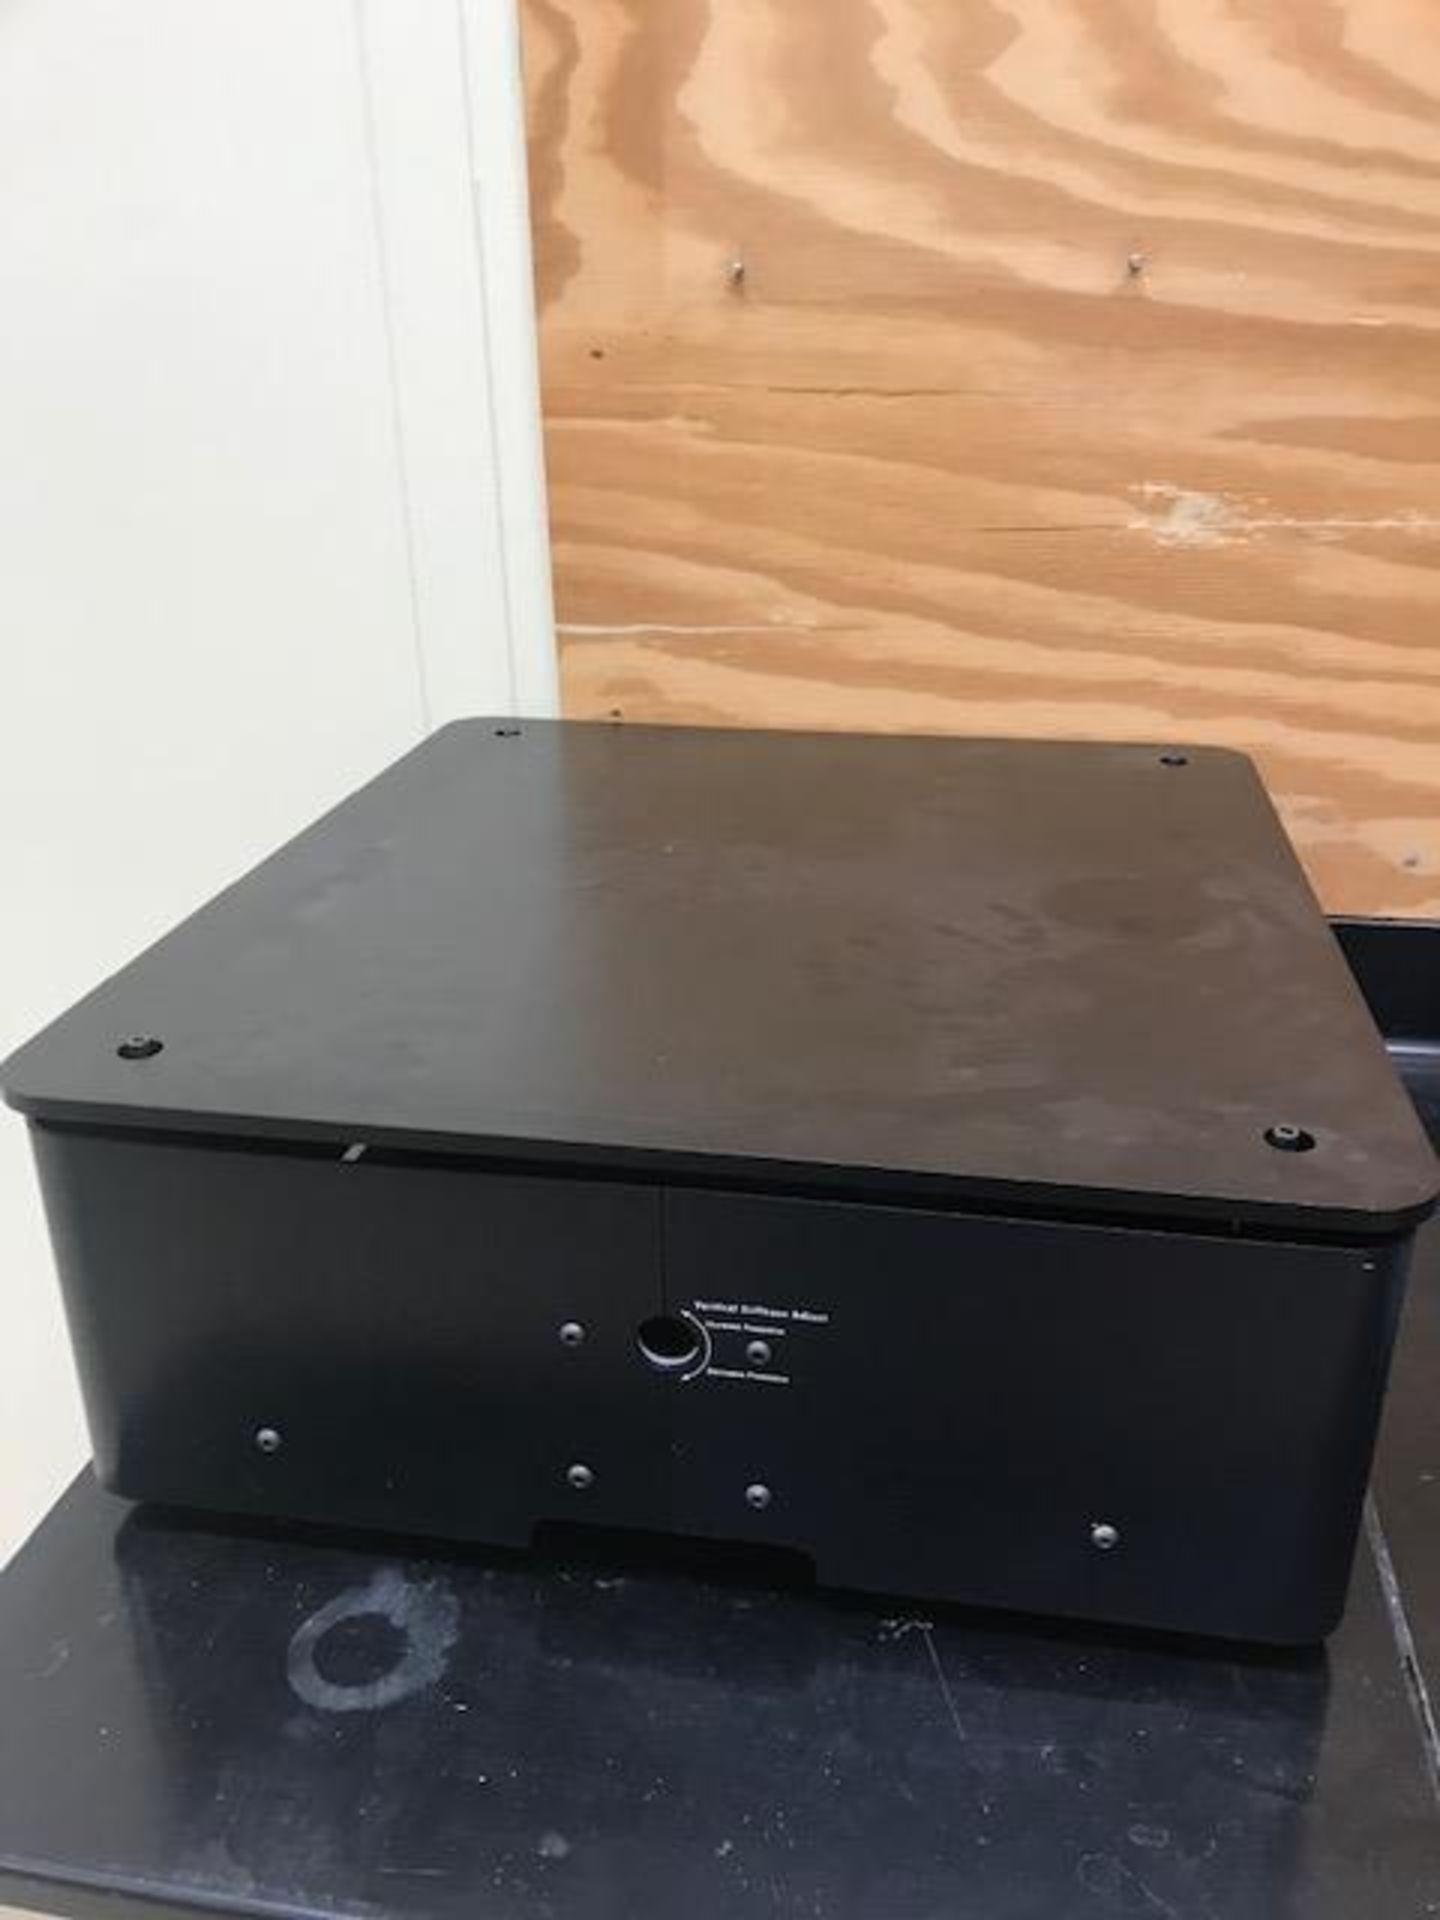 Vibration Minus K Technology Isolation Table - Image 4 of 5